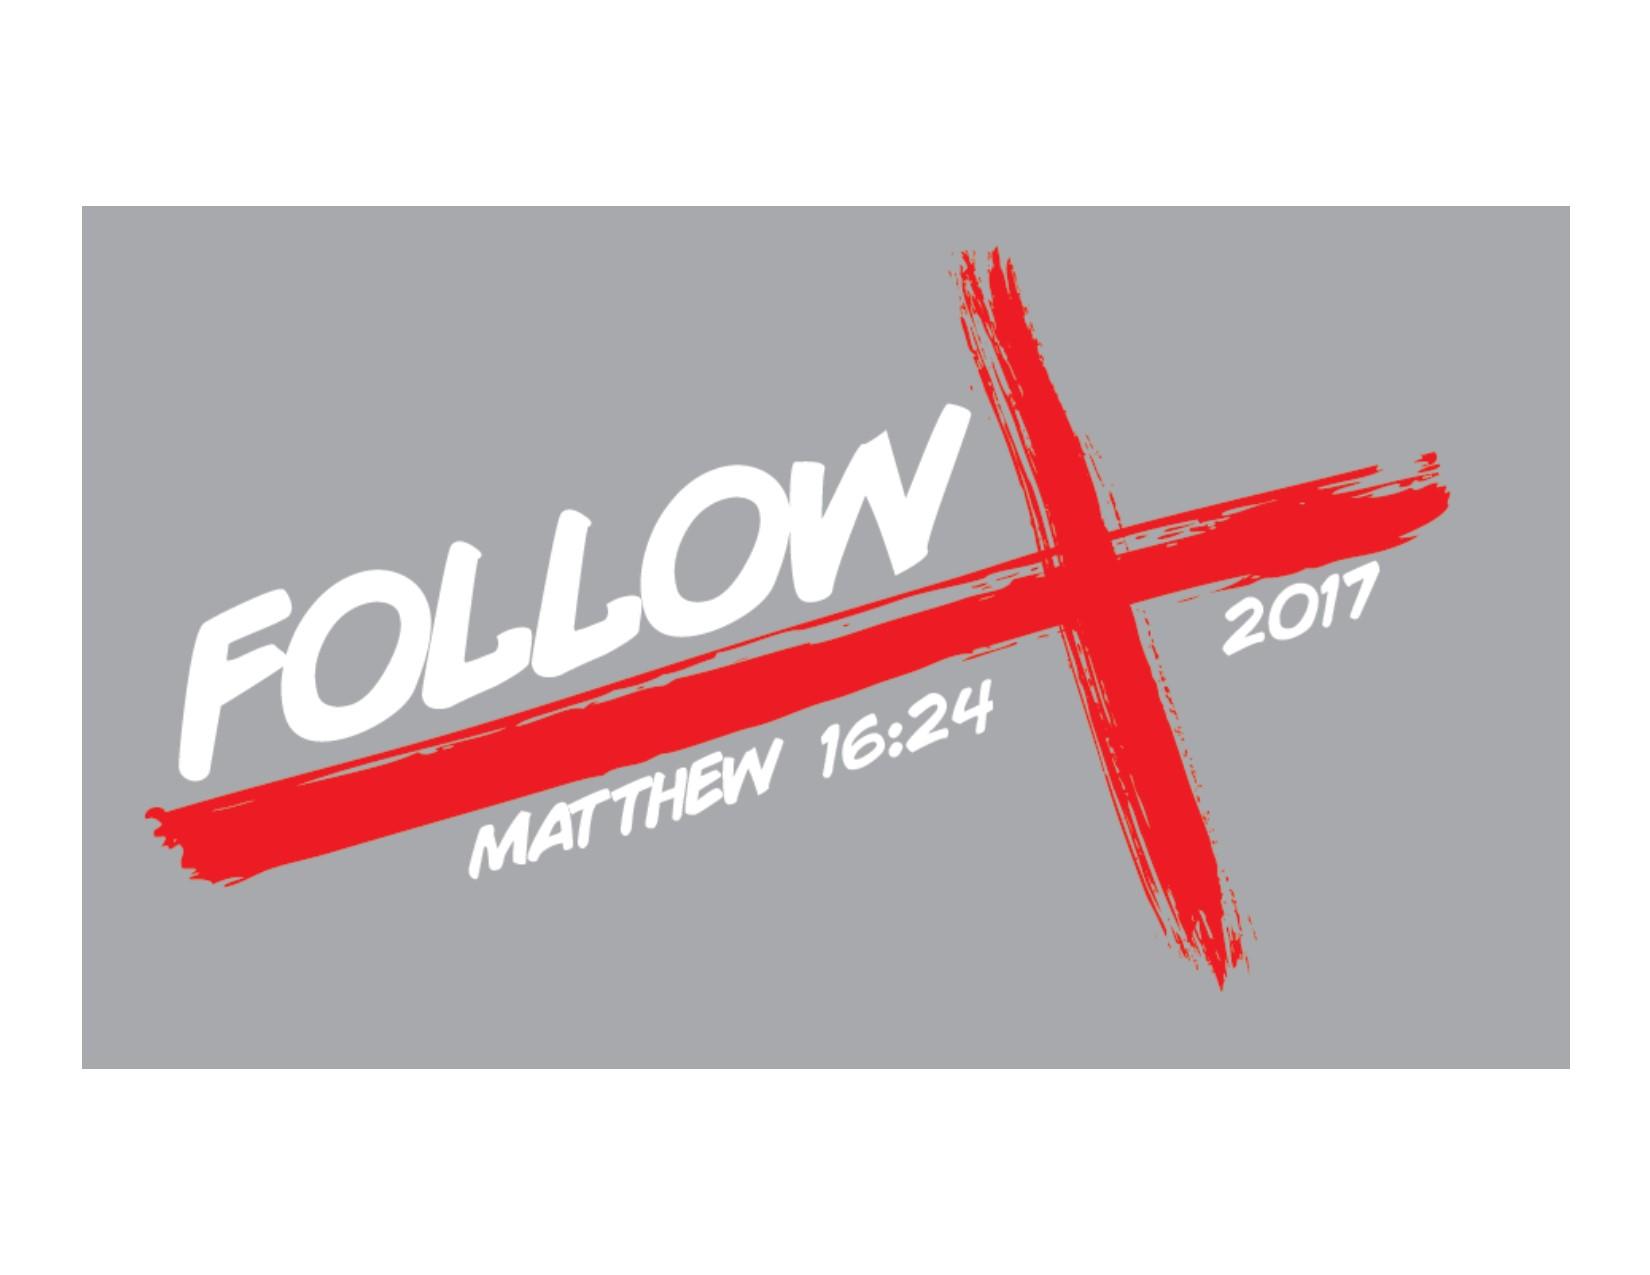 Follow camp logo